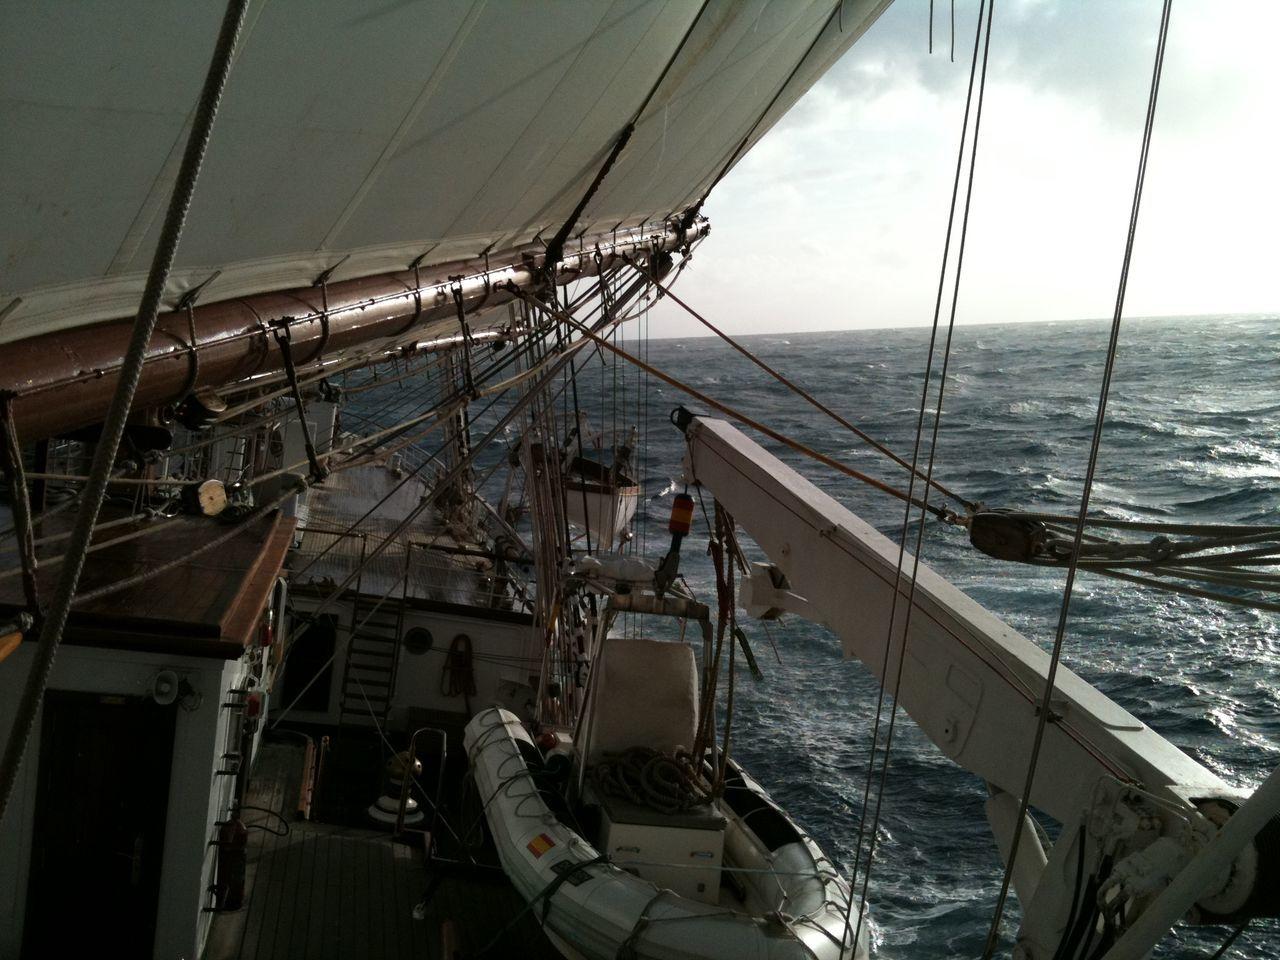 Sailing... Cloud Cloud Cloud - Sky Clouds And Sky Day Elcano Juan Sebastian De Elcano May 2016 Navy No Filter No Edit Outdoors Rough Sea Sail Boat Sail Boats Sea Sea And Sky Sky Spain♥ Wind Wind Sailing